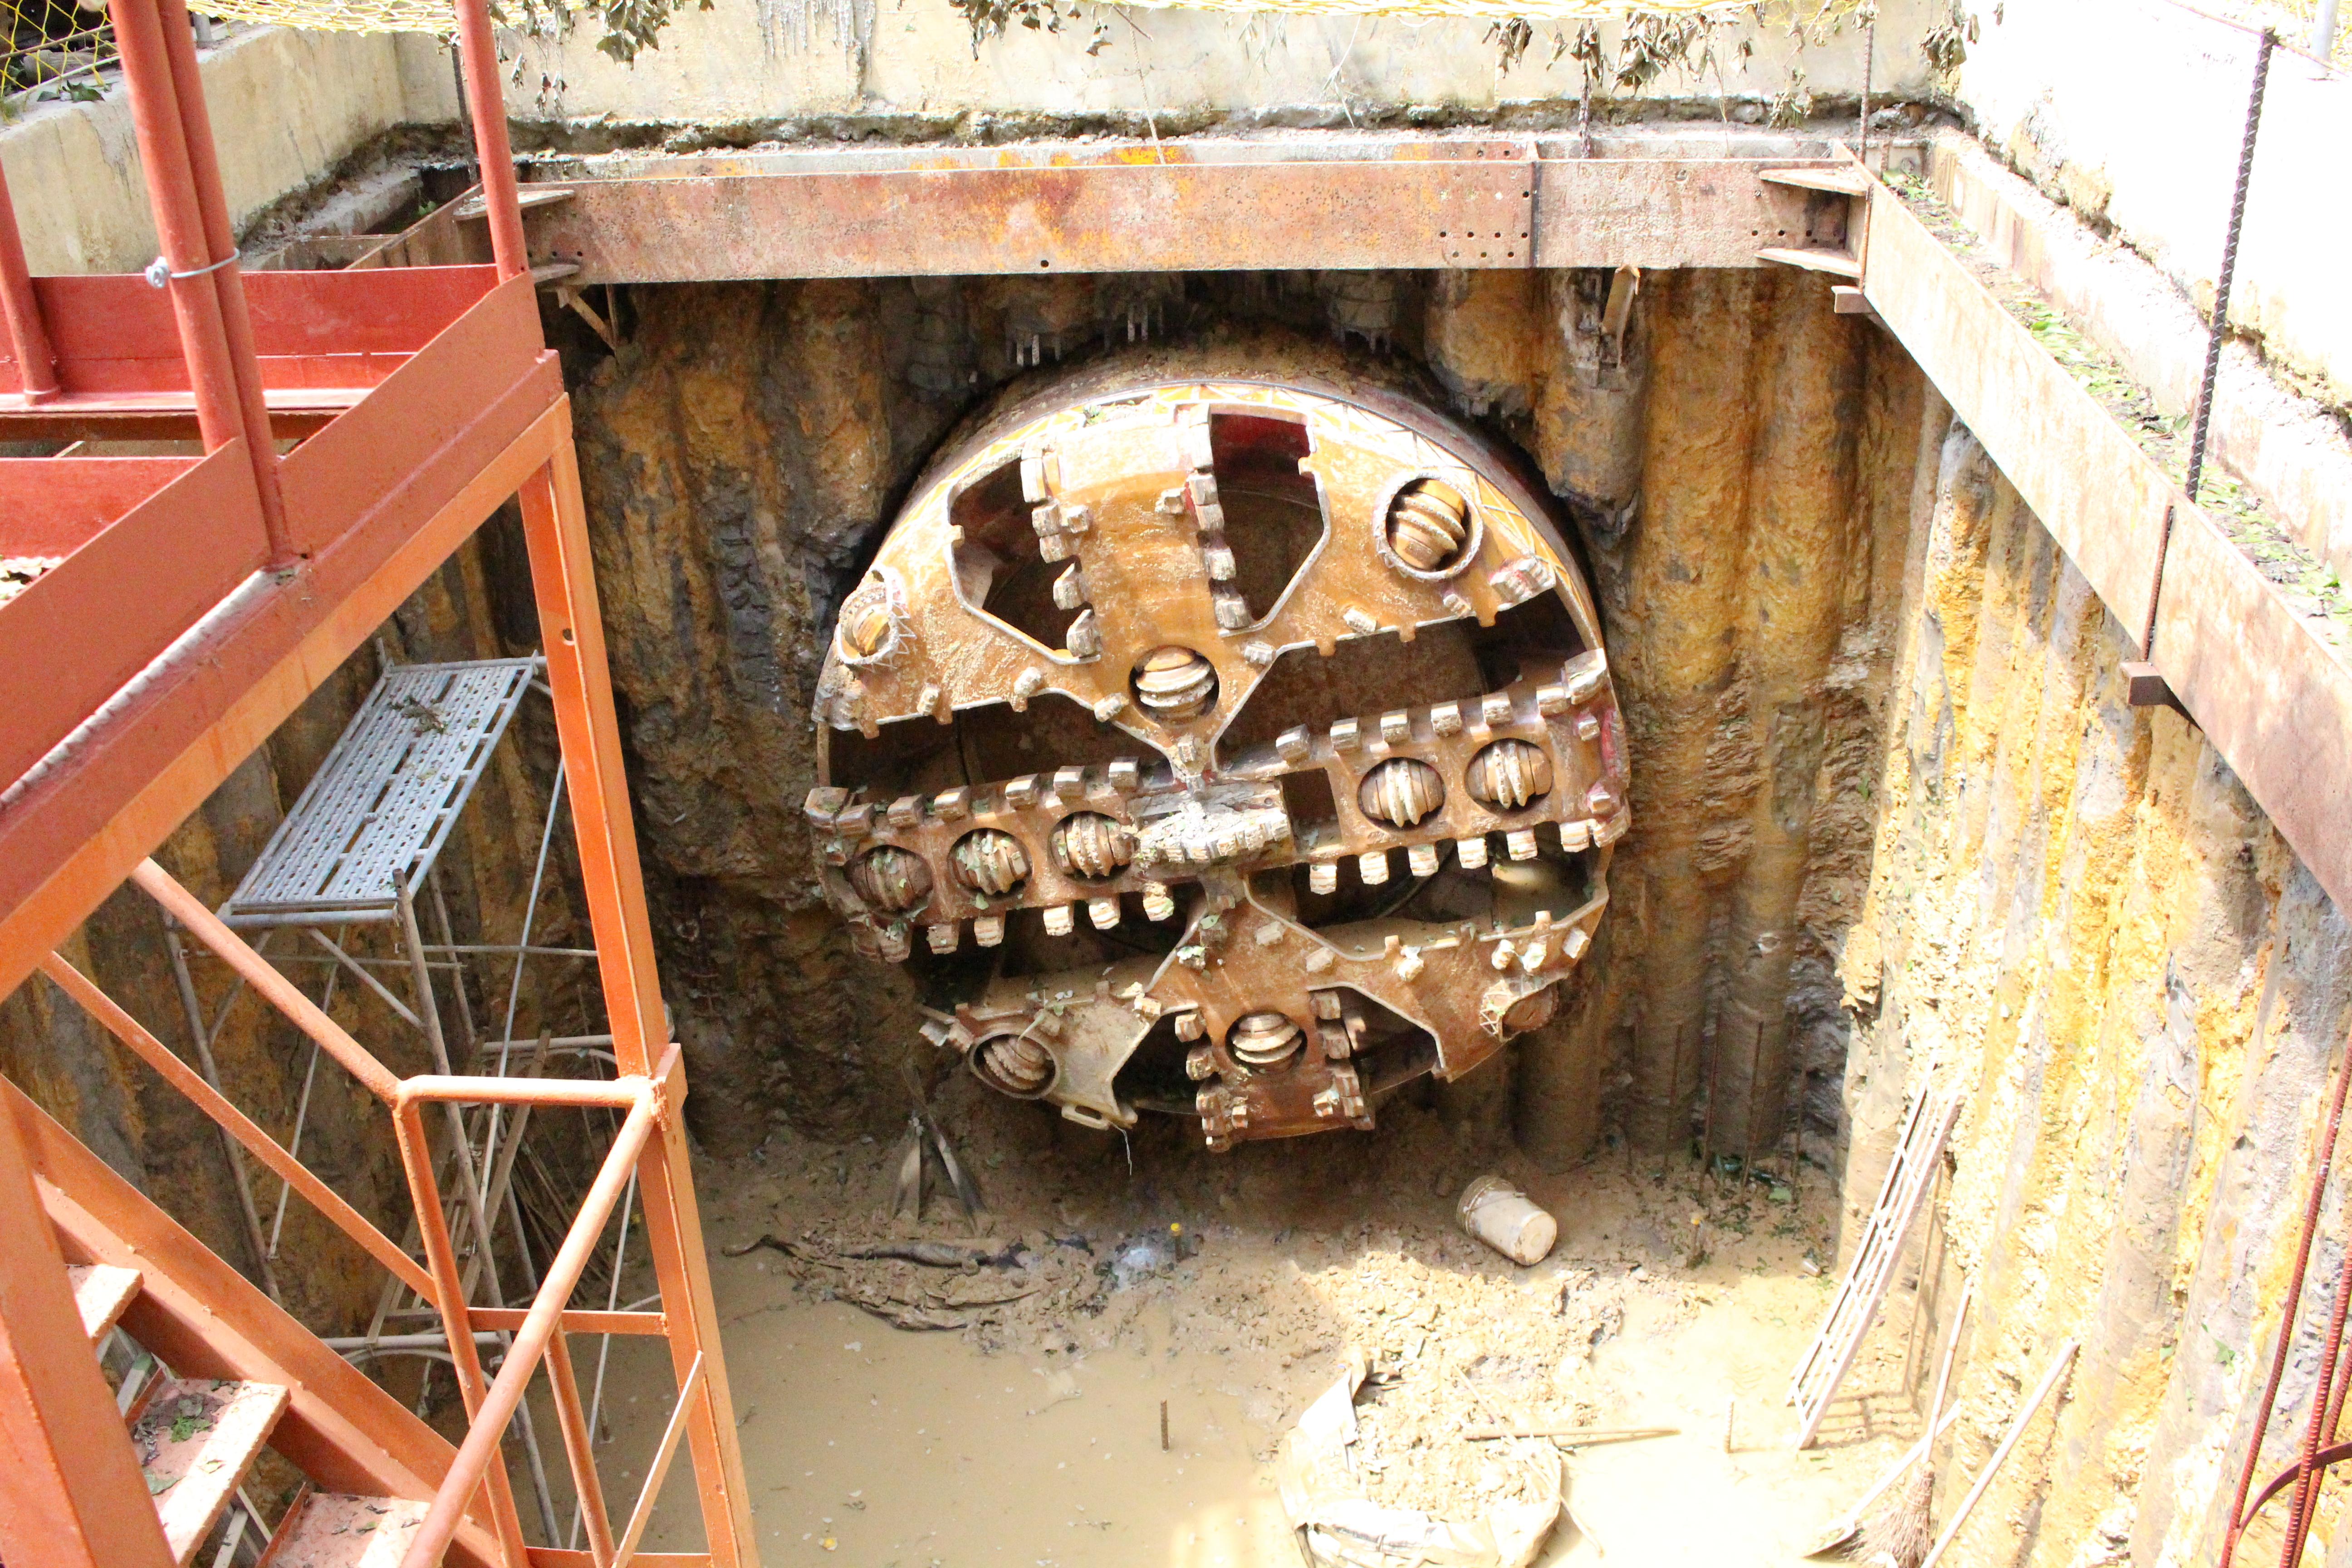 地底涵管將連接福興路與興隆路一段,成為福興路的重要疏洪設施。(攝影/謝孟儒)